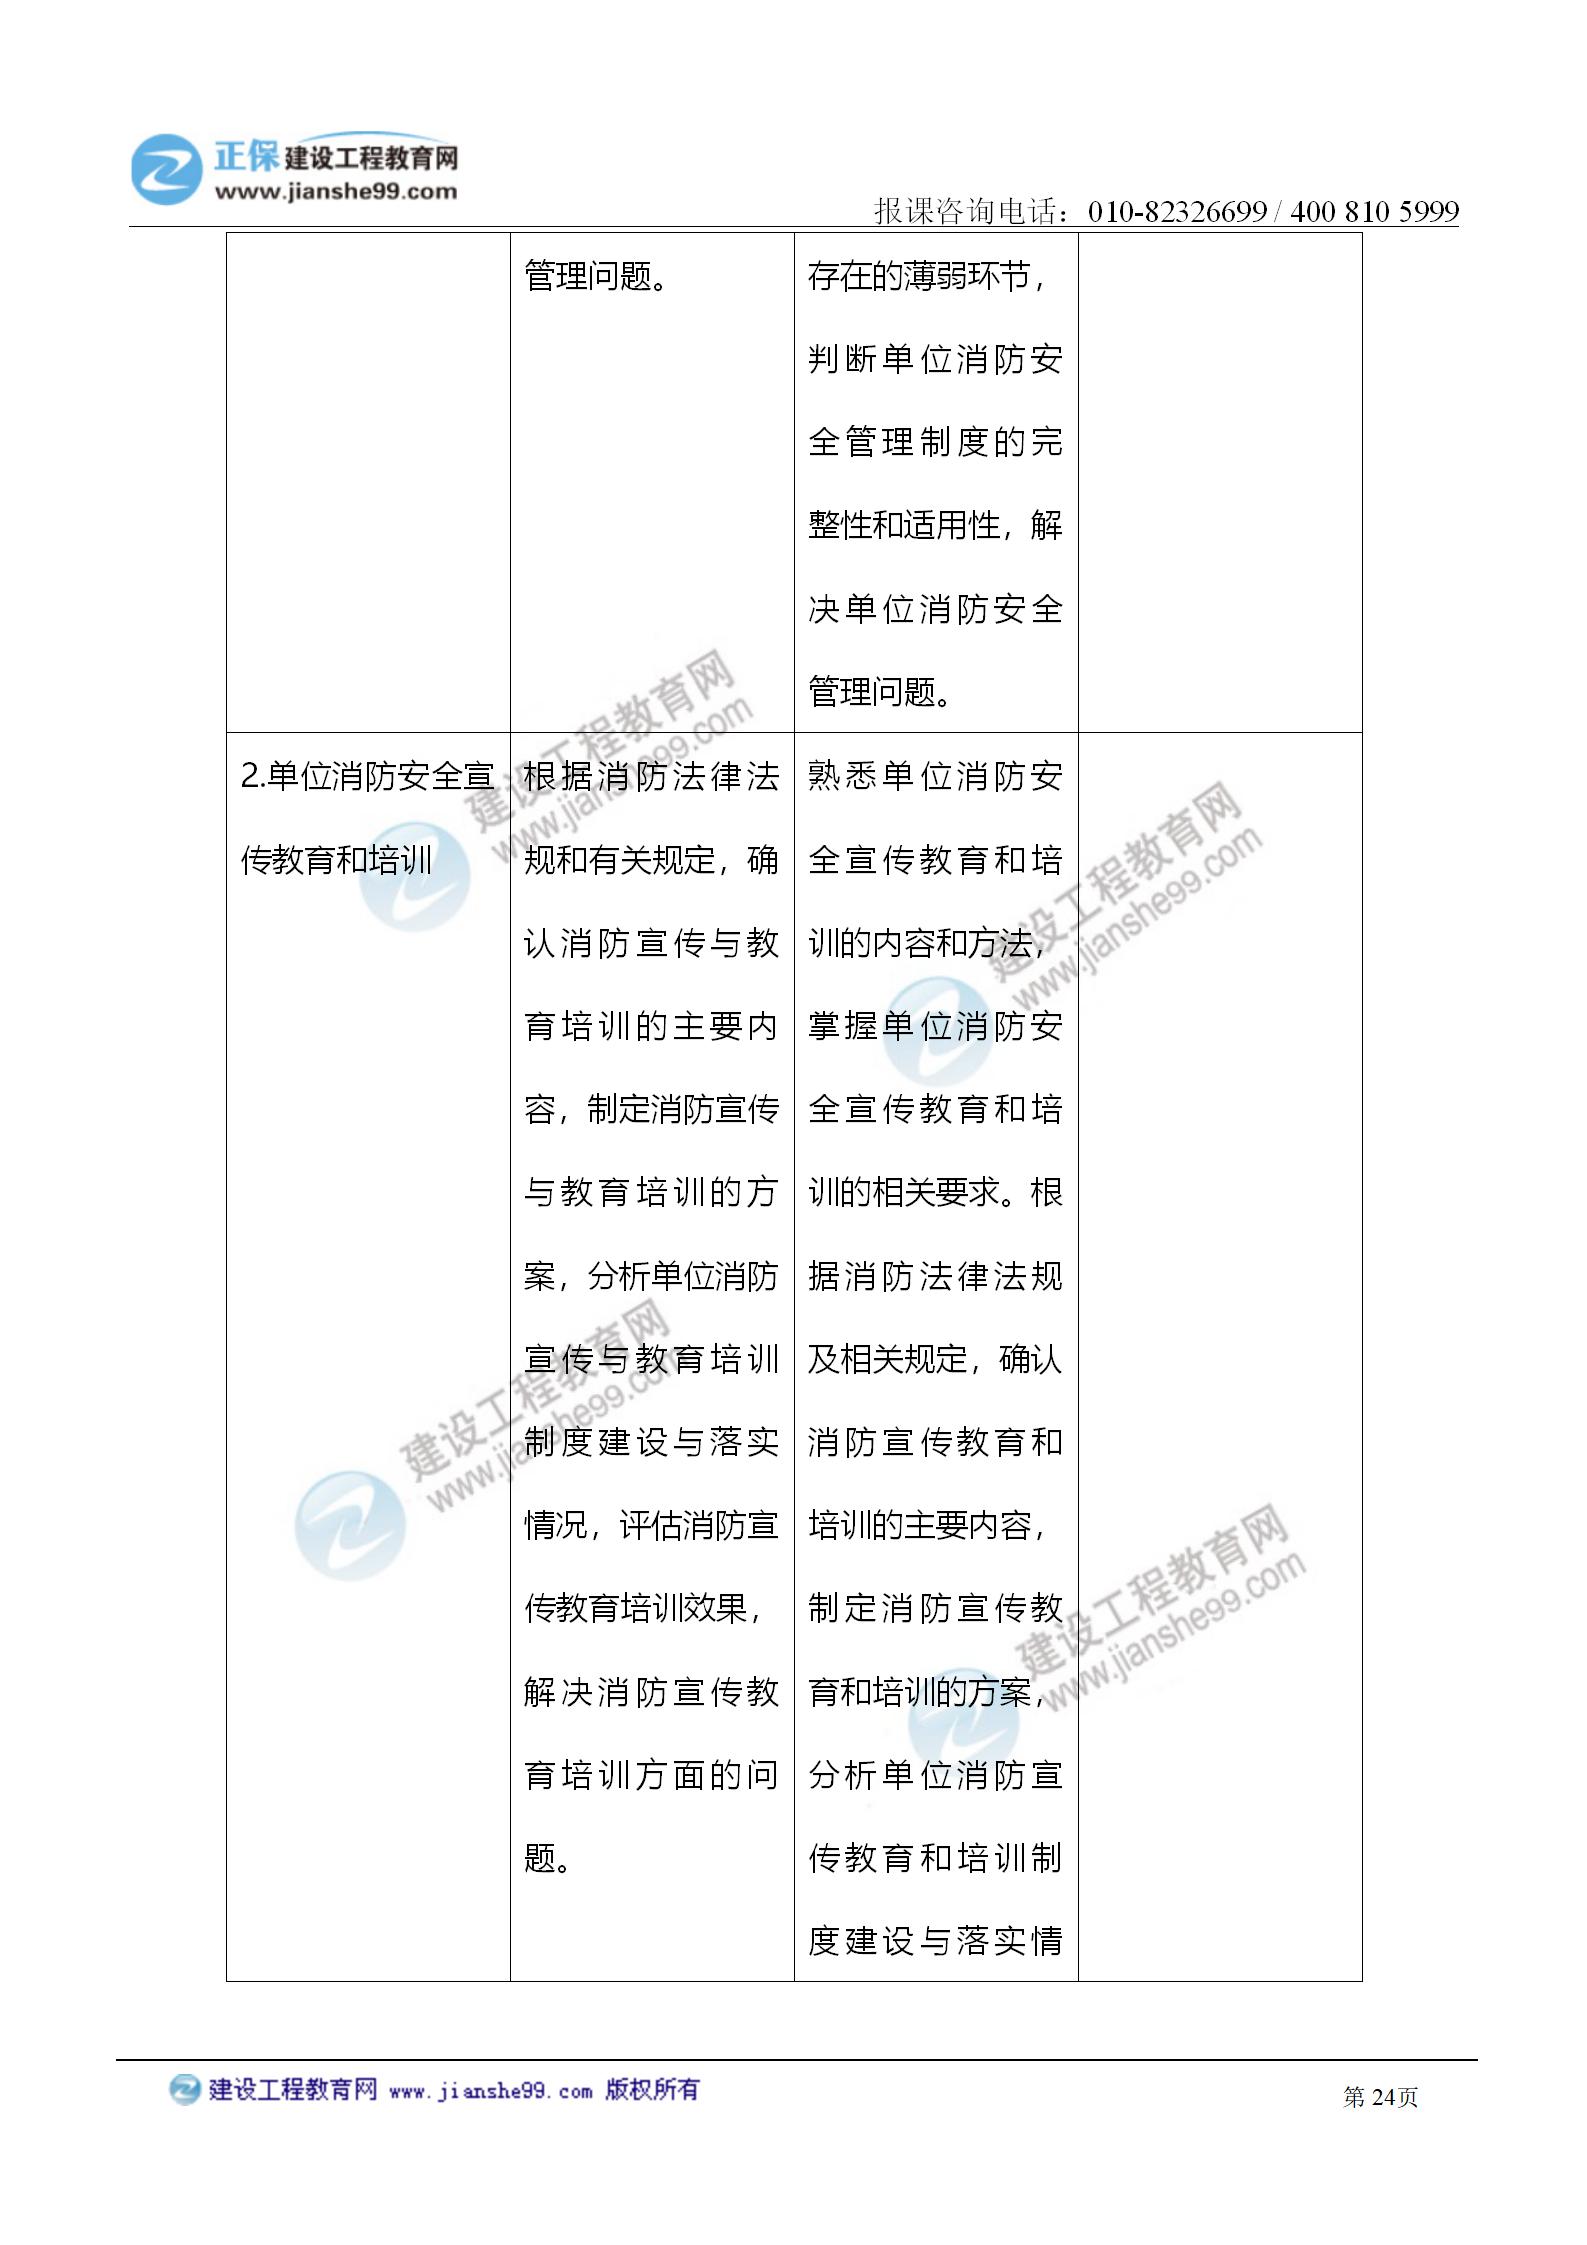 2021注册消防工程师《综合能力》考试大纲变化情况_24